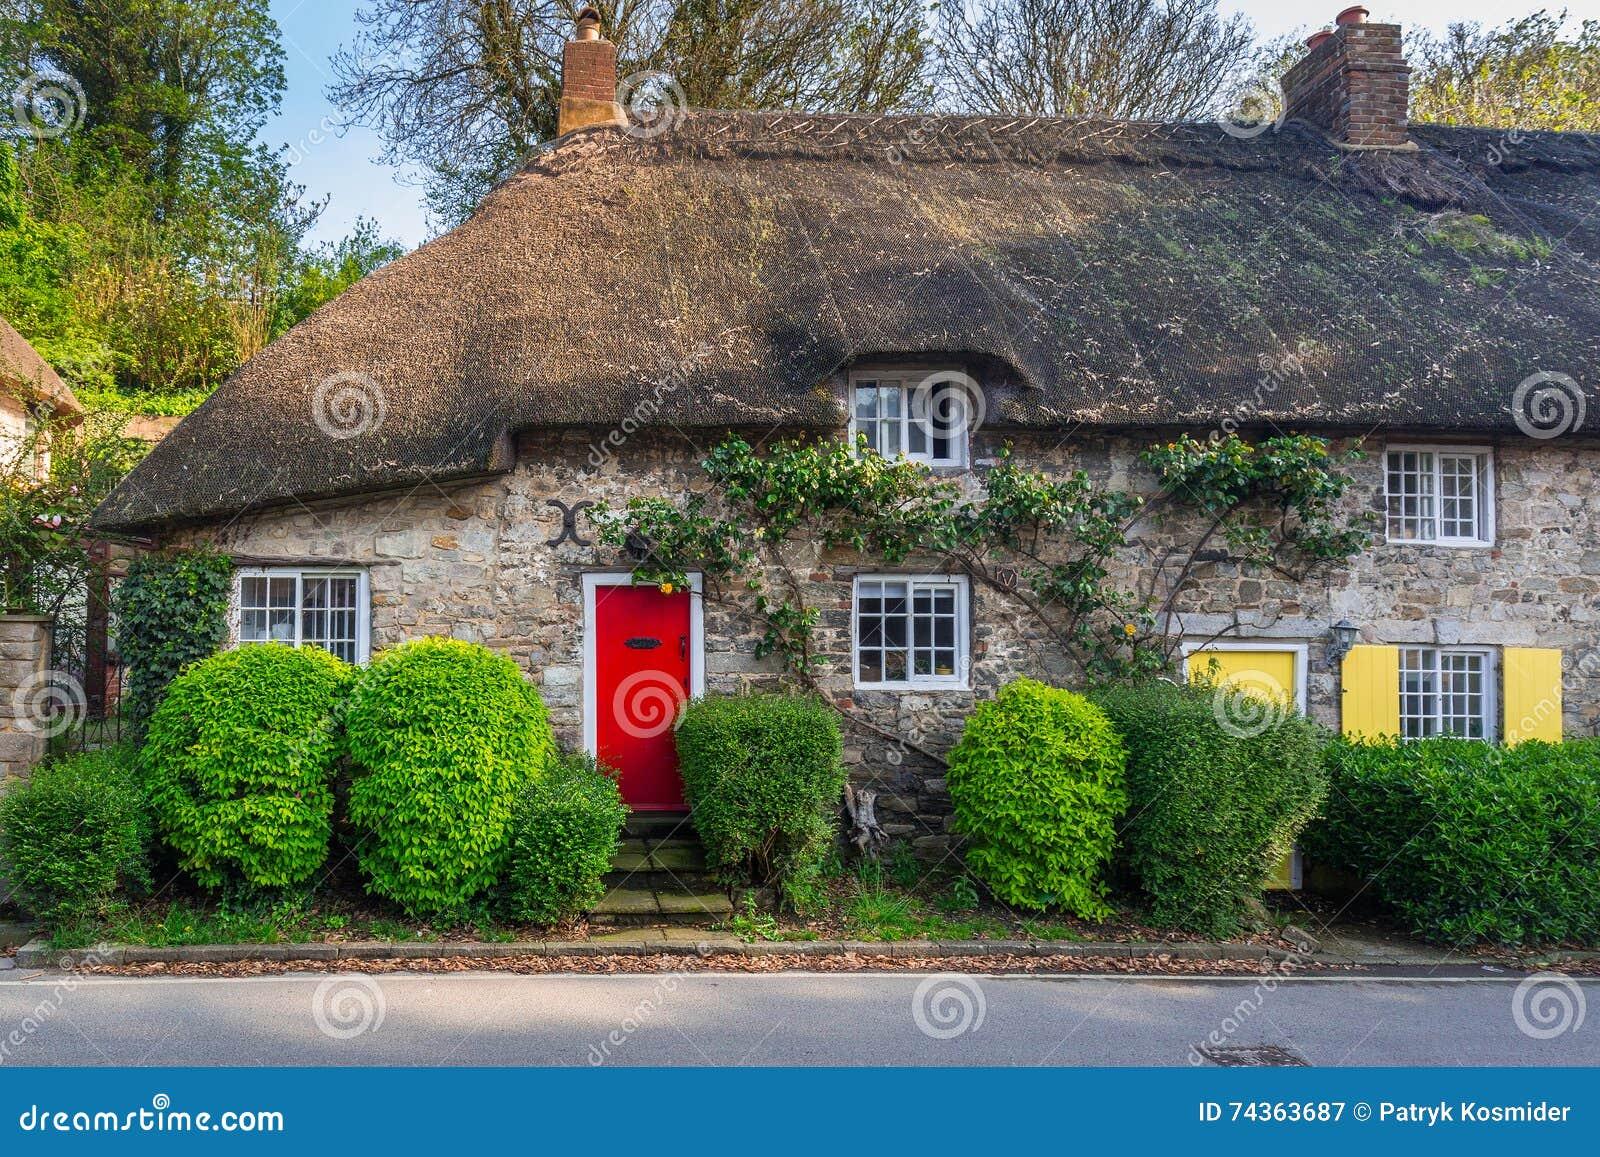 Dettaglio di architettura delle case inglesi tradizionali for Architettura case